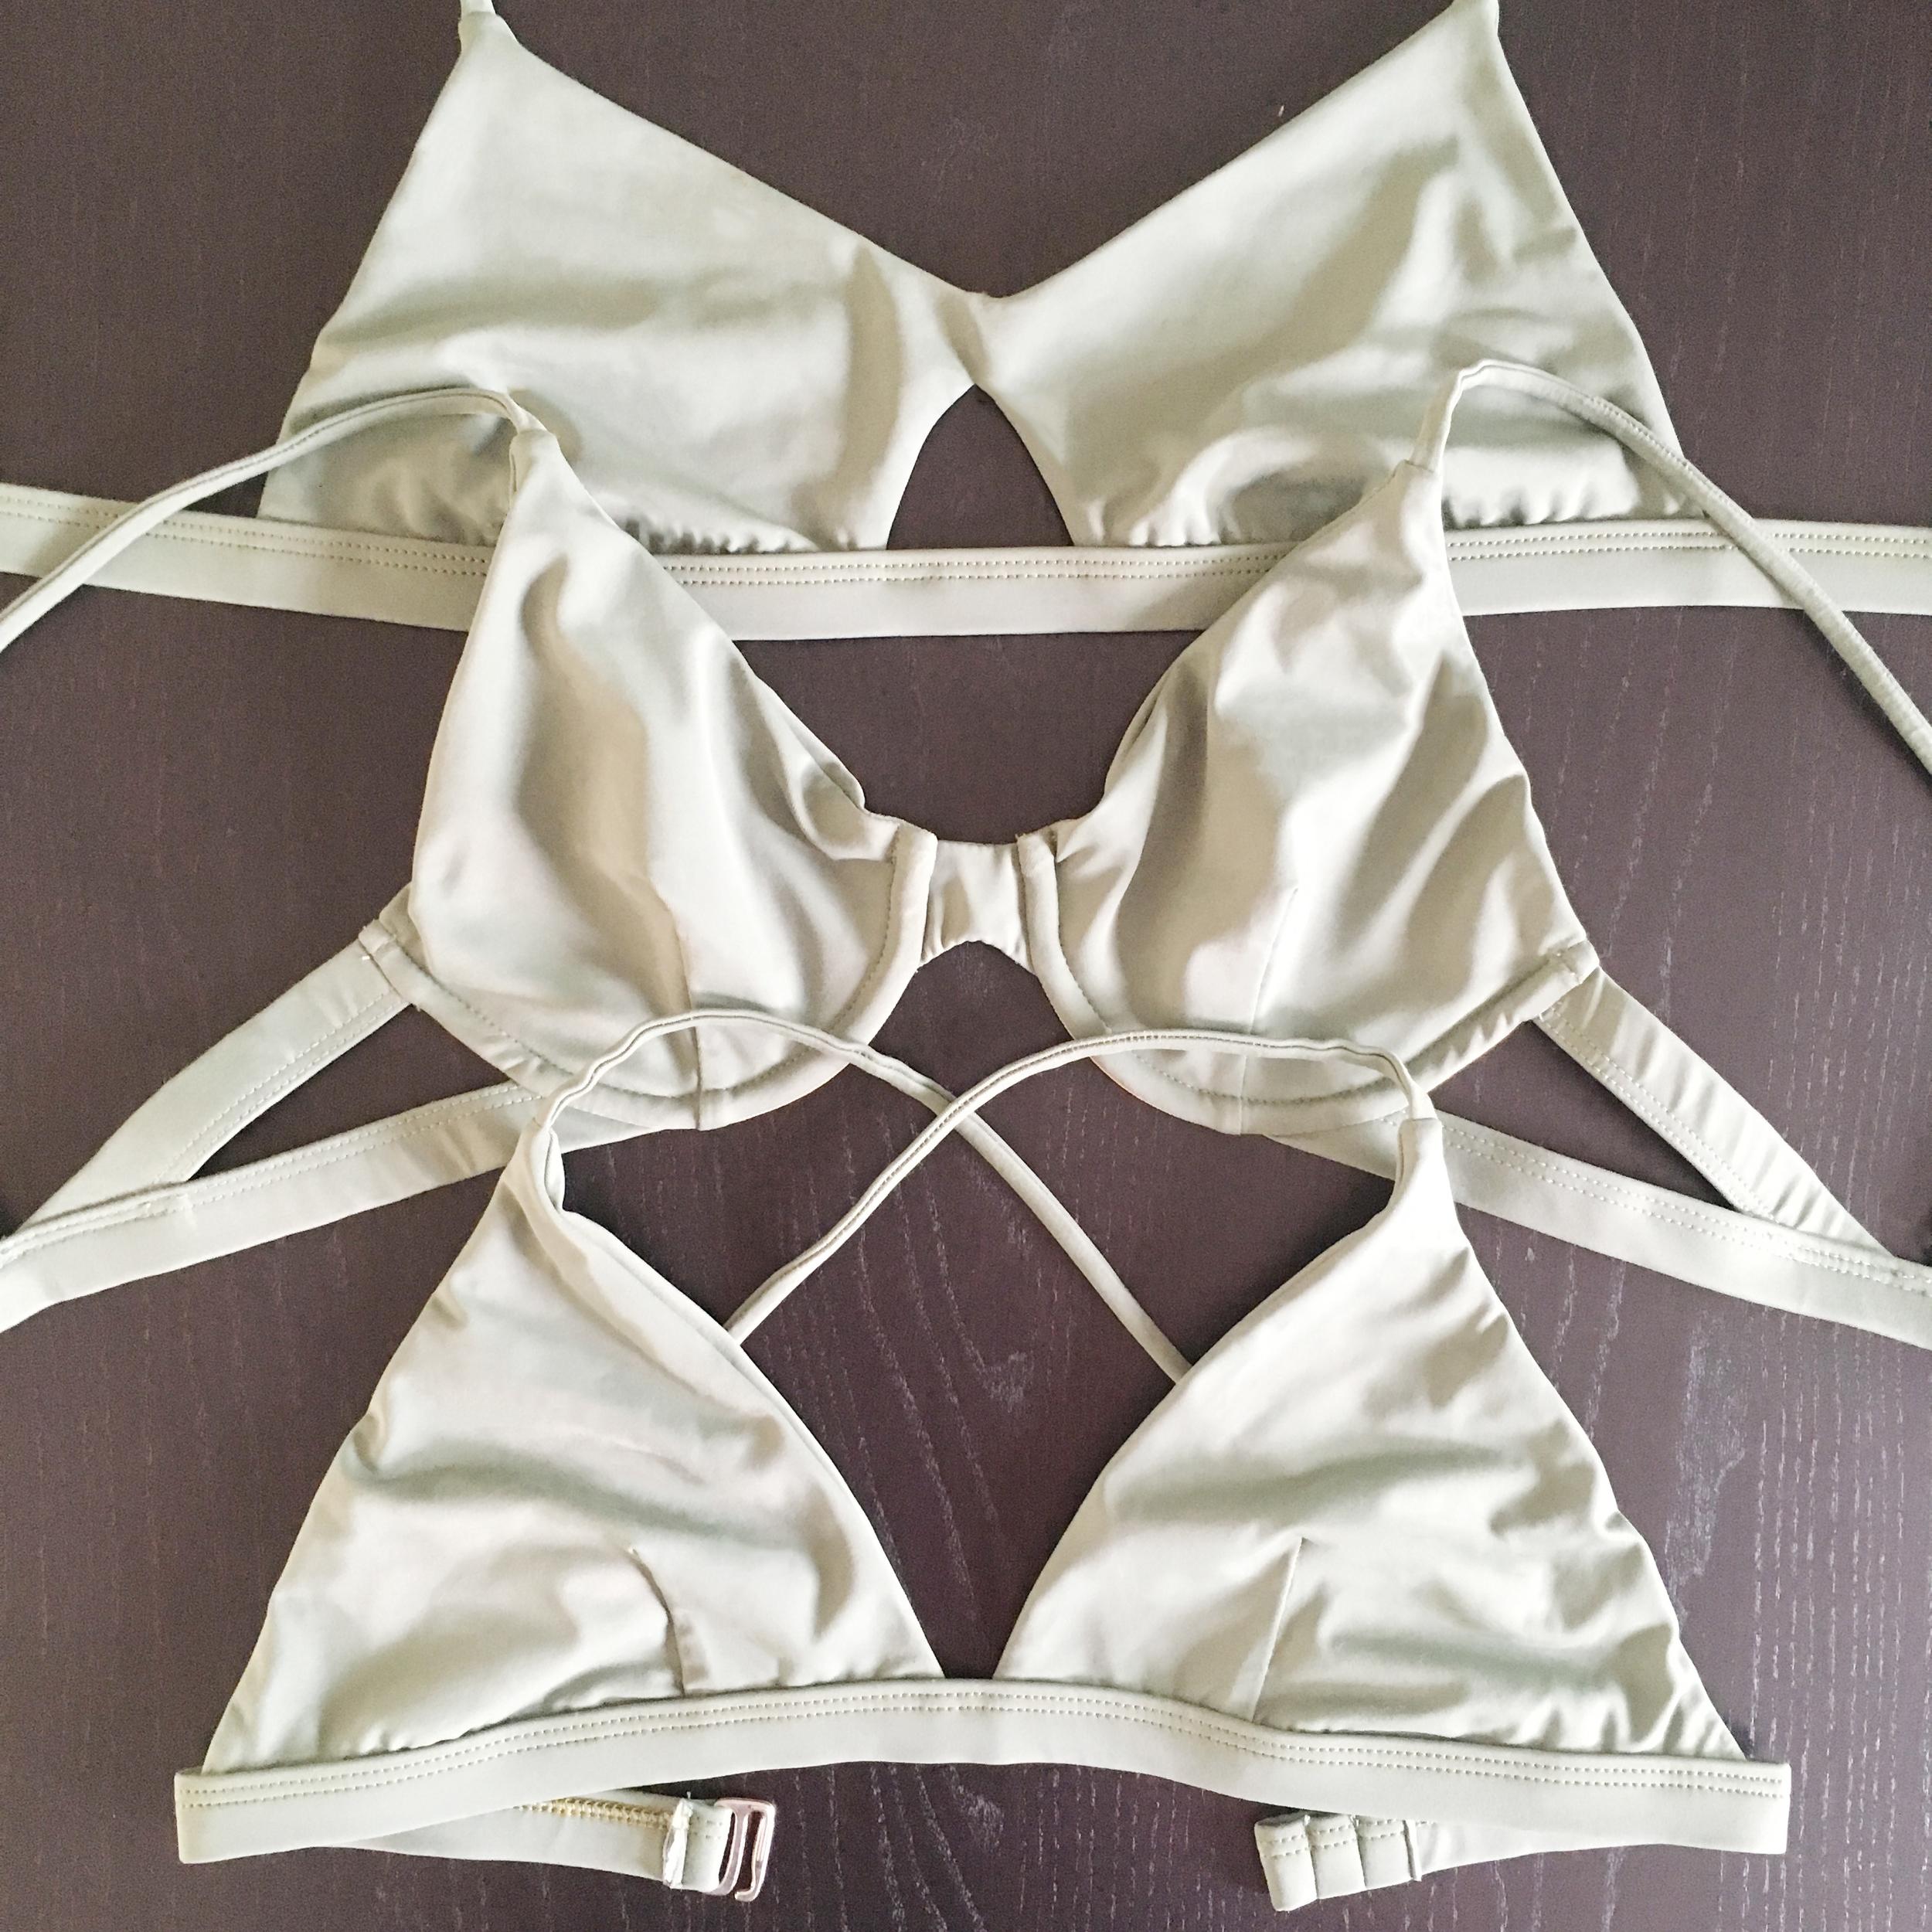 Finished samples of the 3 bikini top styles: Sport Cutout Bikini Top; Underwire Bikini Top; Basic Triangle Bikini Top.